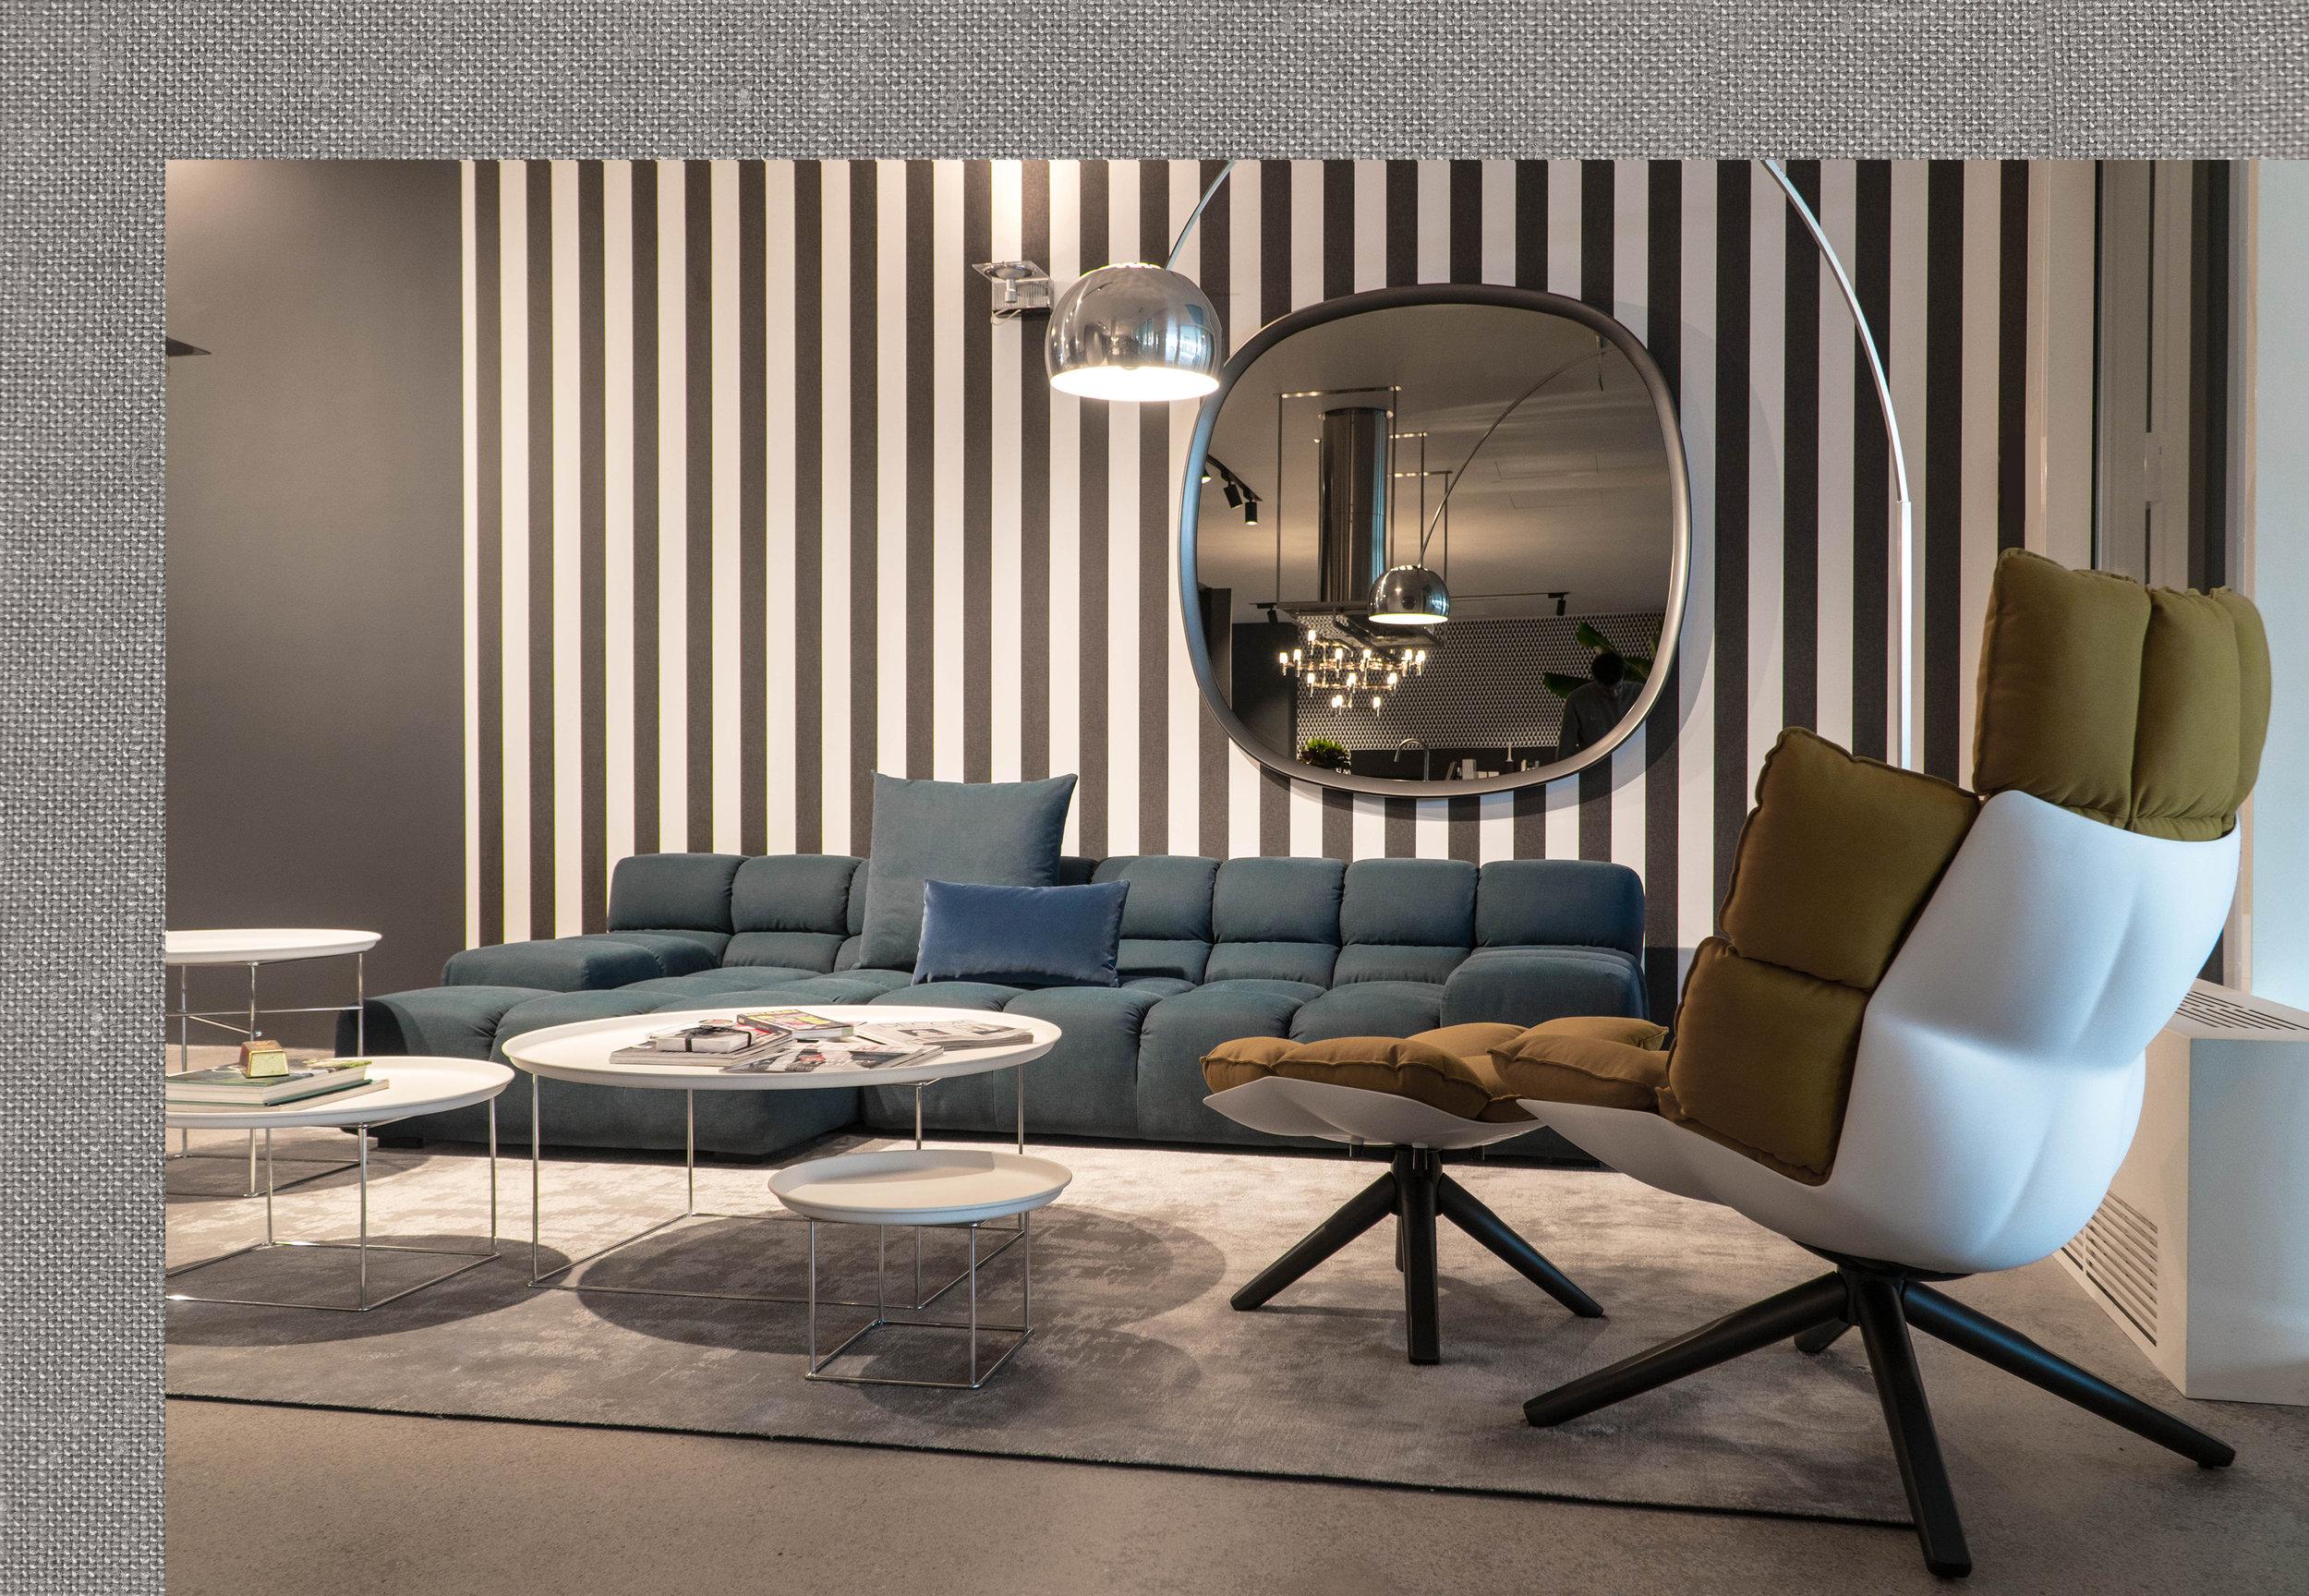 - Z zavezanostjo do detajla, nenehnega iskanja odličnosti, partnerstev z mnogimi vrhunskimi oblikovalci in blagovnimi znamkami predstavljamo najboljša imena v pohištveni industriji.